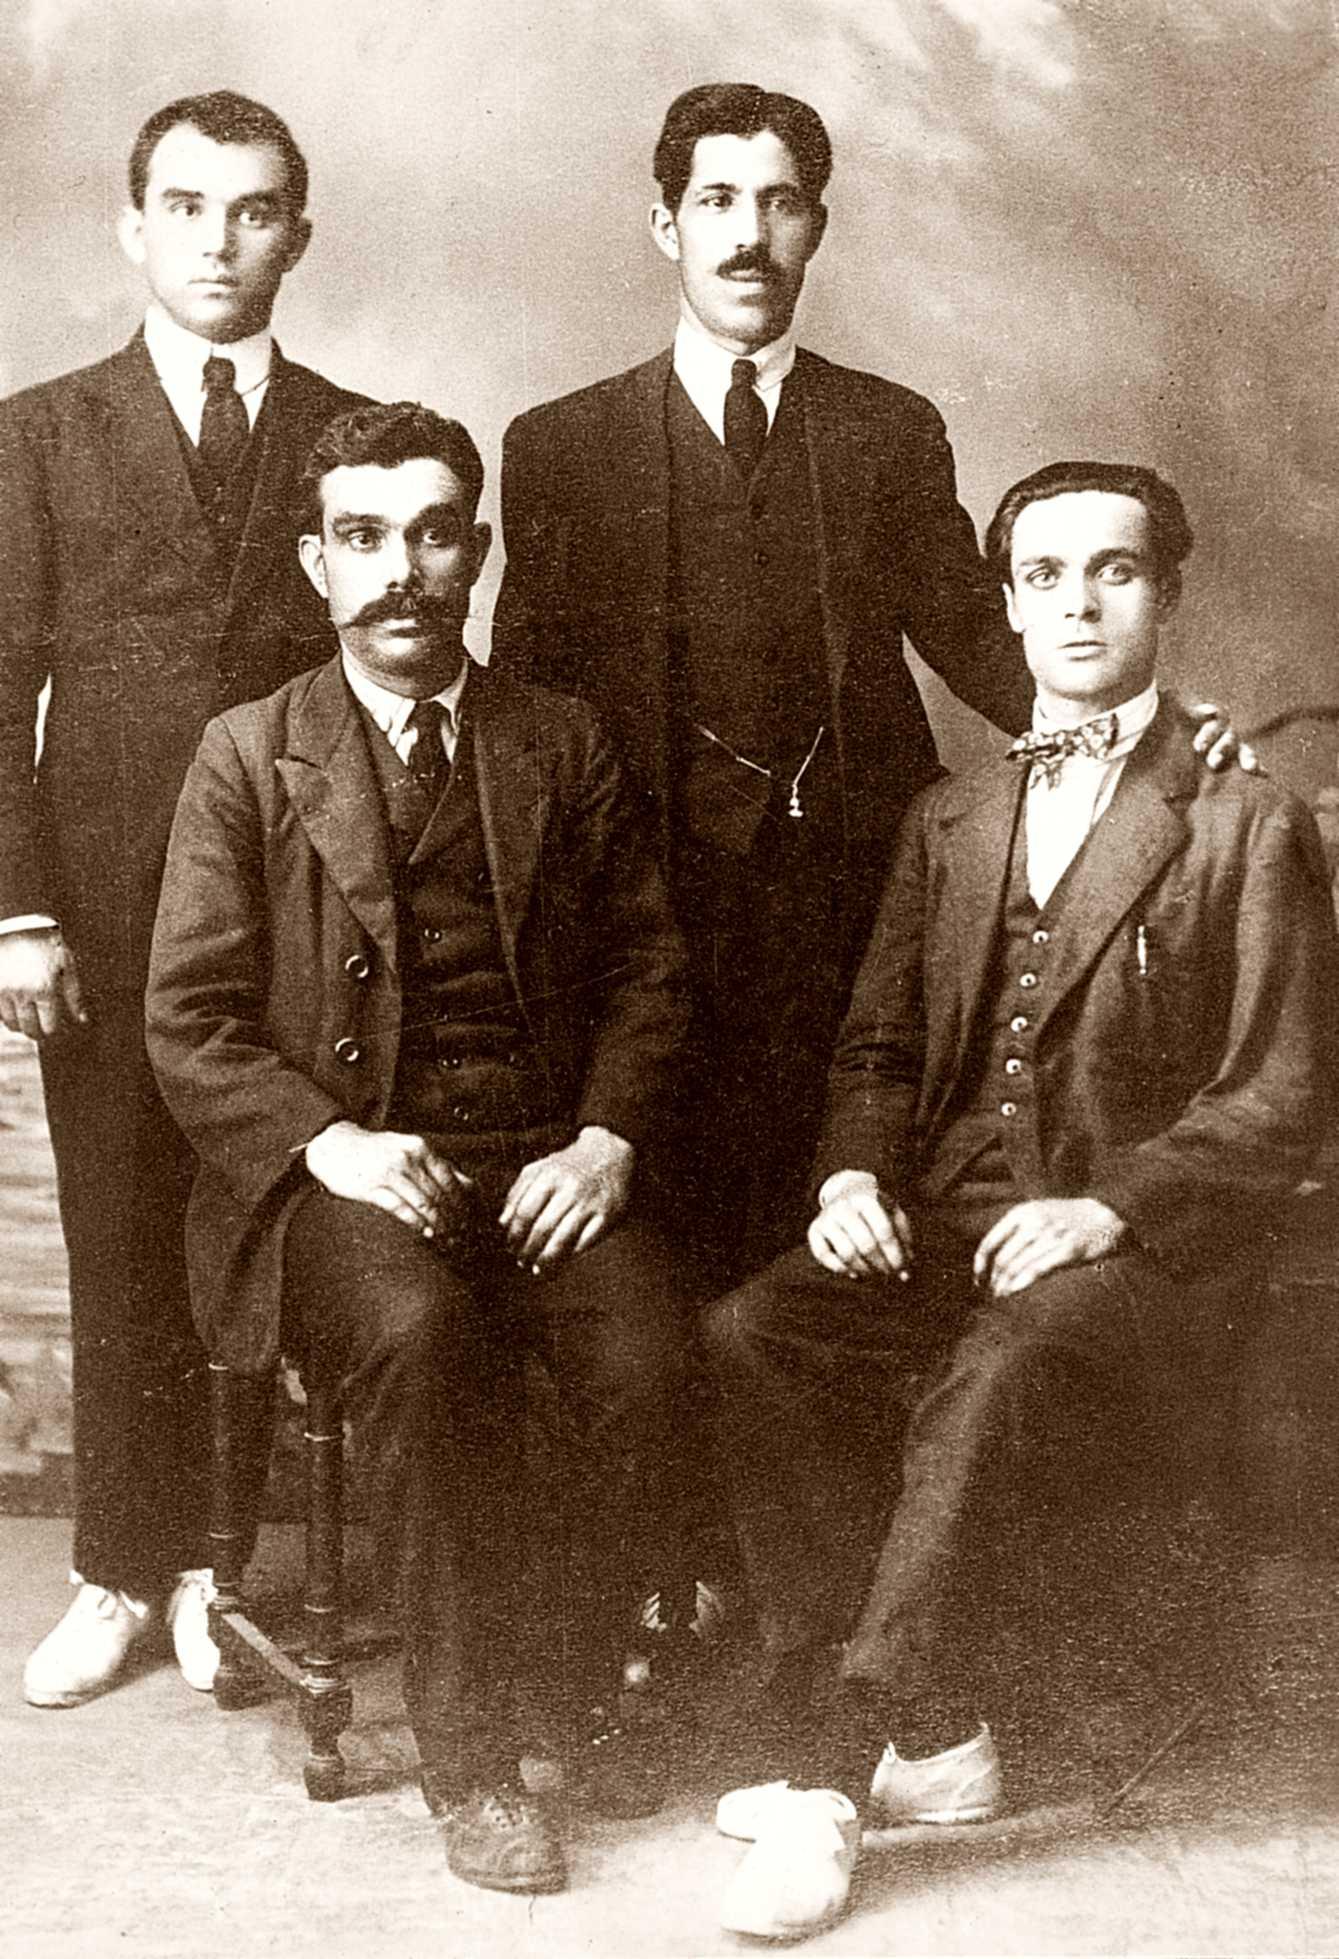 Membres del Comitè Peninsular de la FAI. D'esquerra a dreta drets: Ácrato Lluly i desconegut; d'esquerra a dreta asseguts: Manuel Joaquim de Sousa i Sebastià Clarà Sardó (Barcelona, 12 de novembre de 1930)